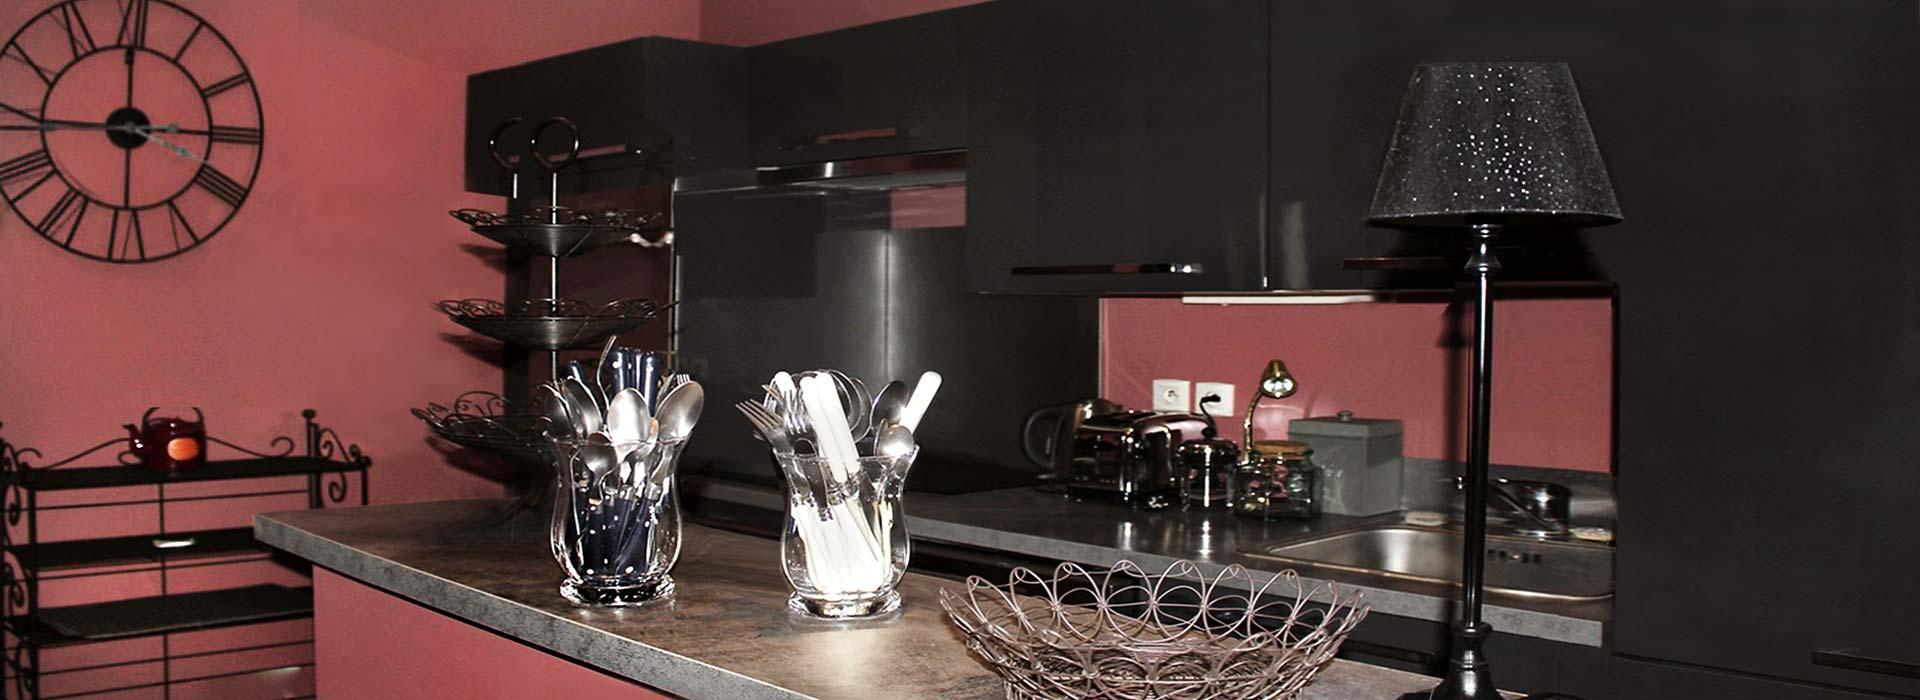 entreprise-renovation-de-cuisine-paris-2